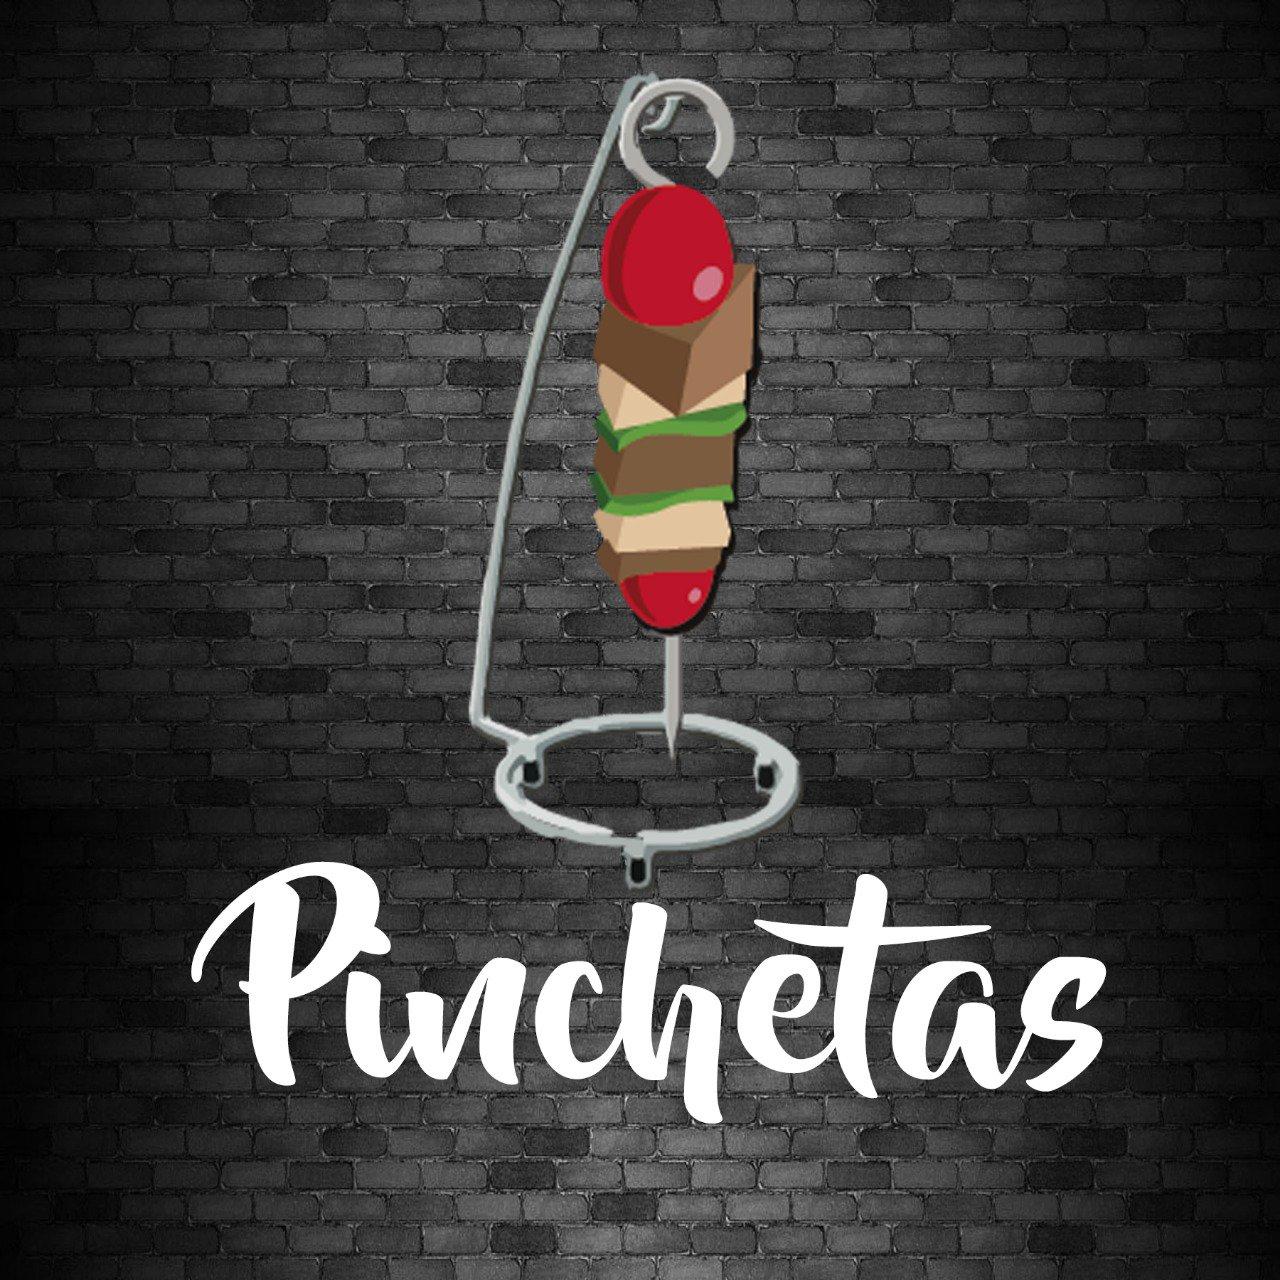 Pinchetas Cúcuta